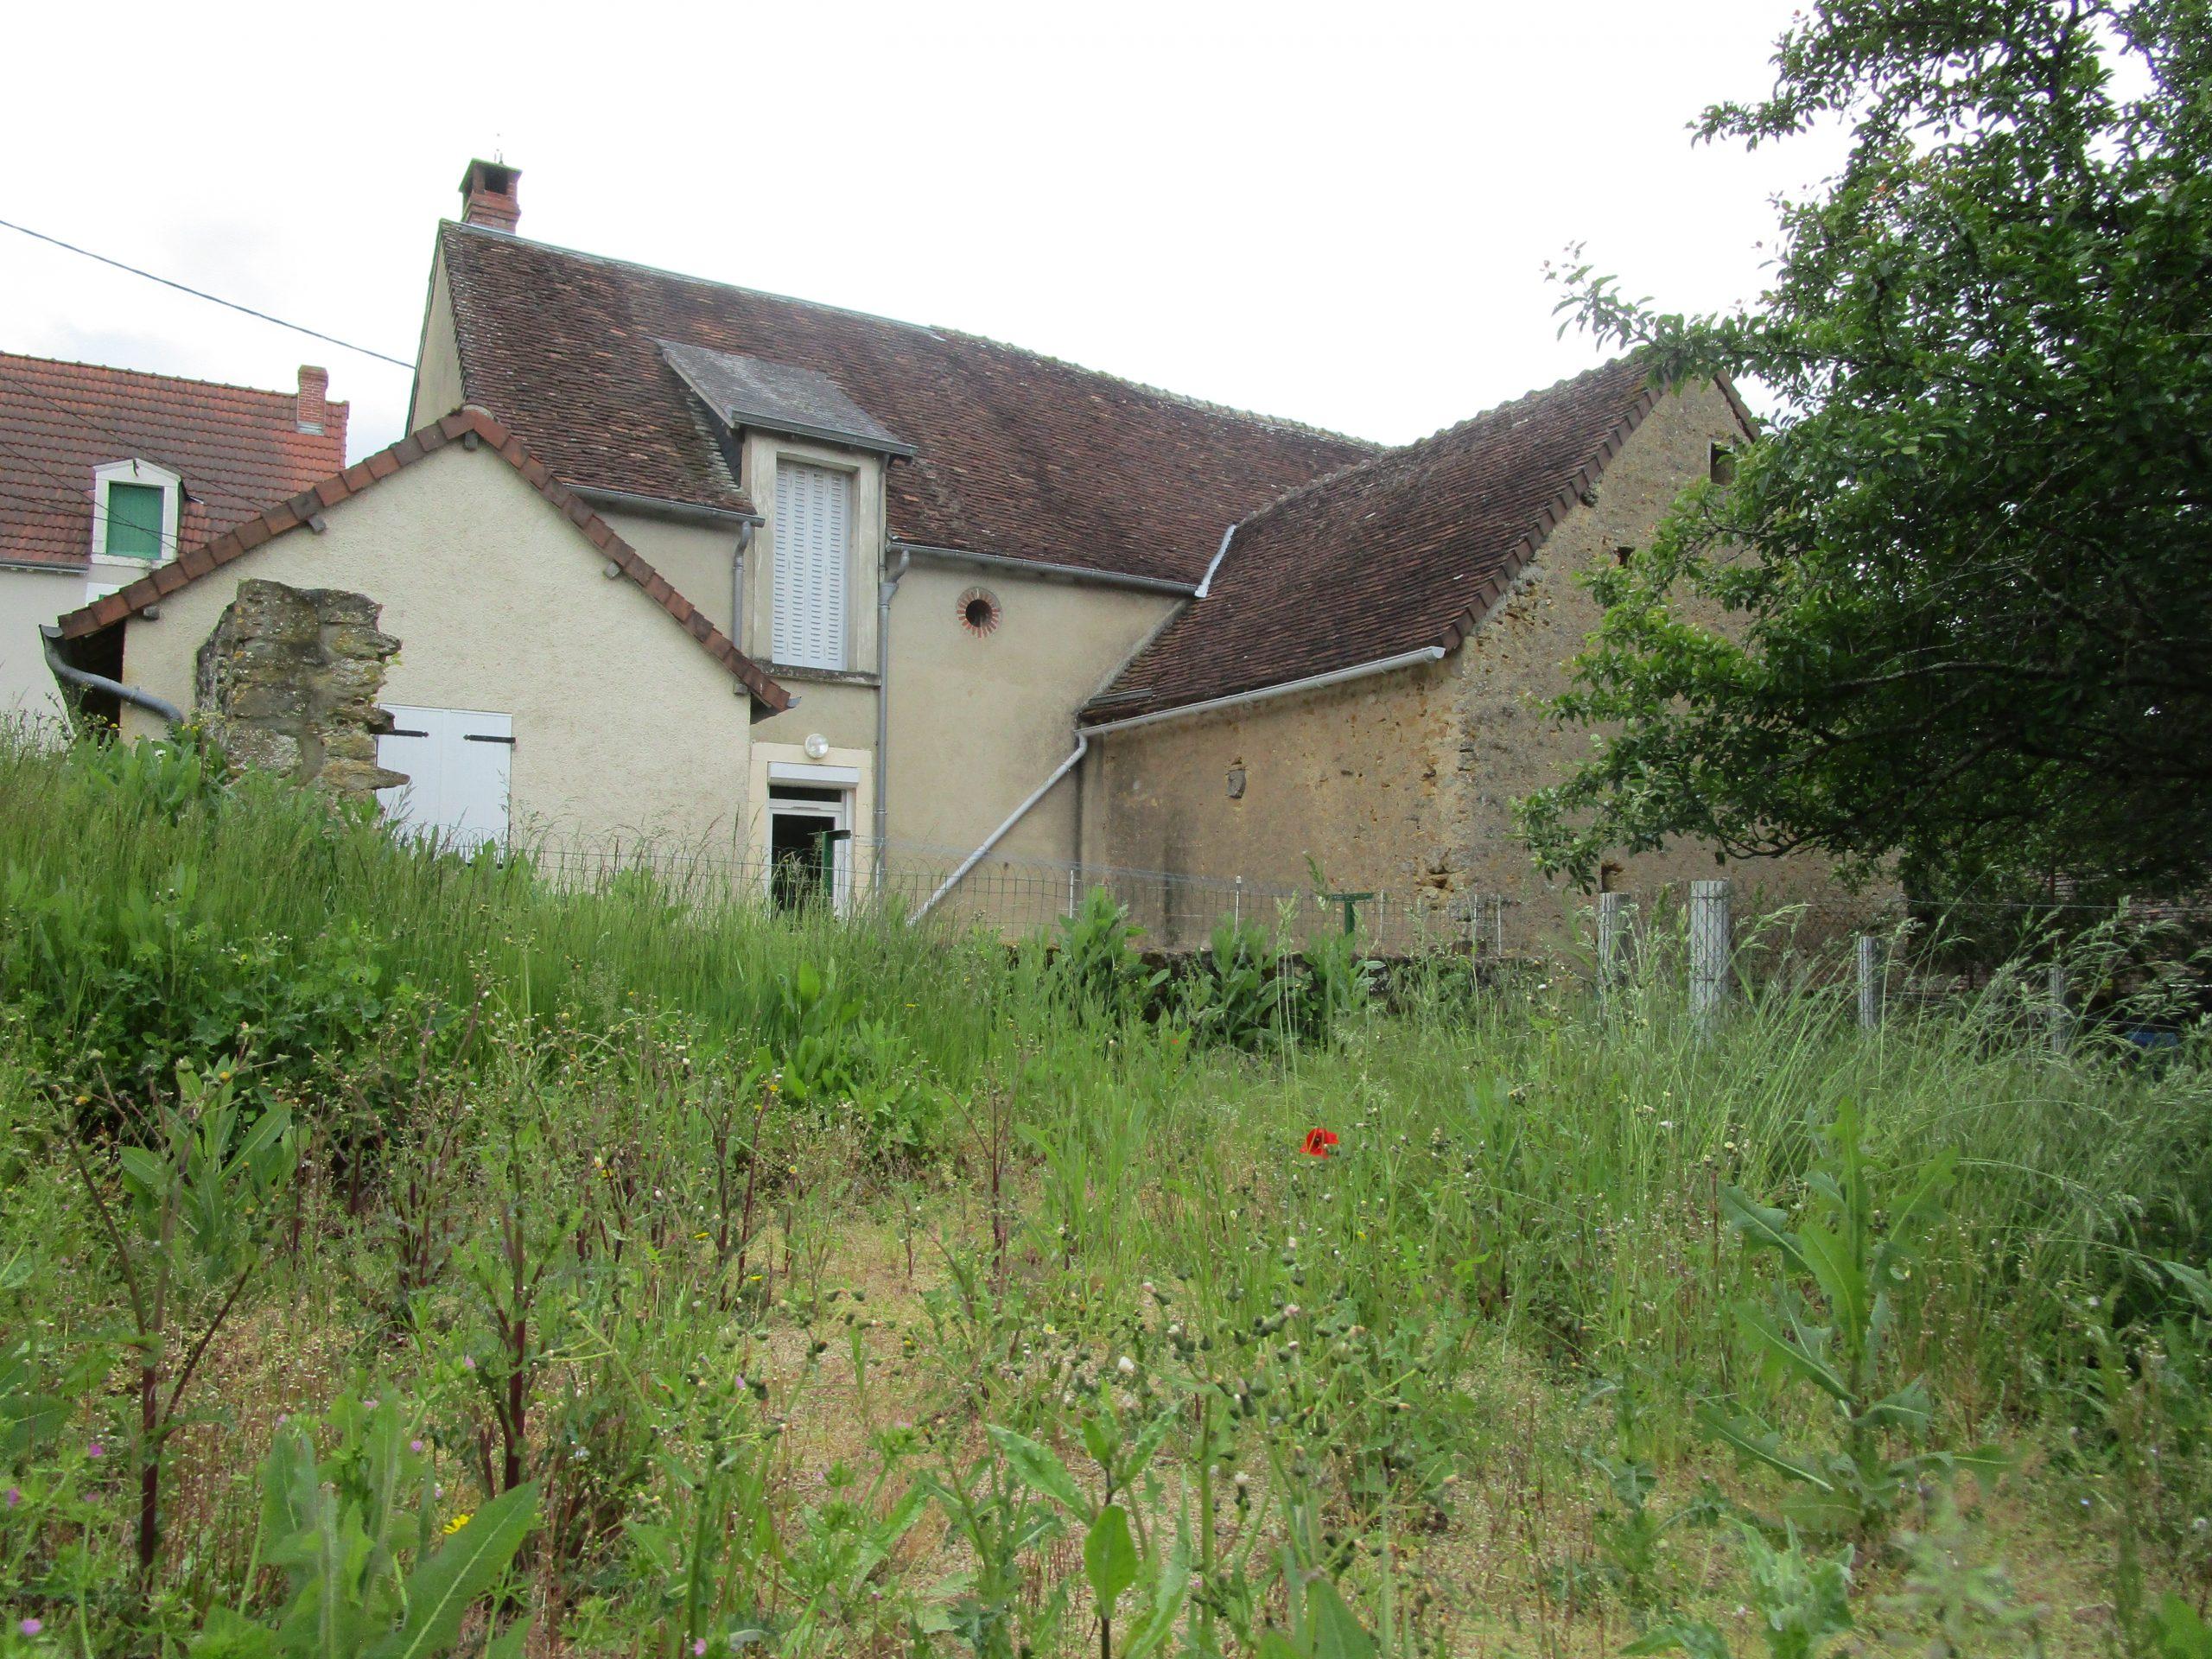 Maison au cœur d'un village tout proche d'Argenton !